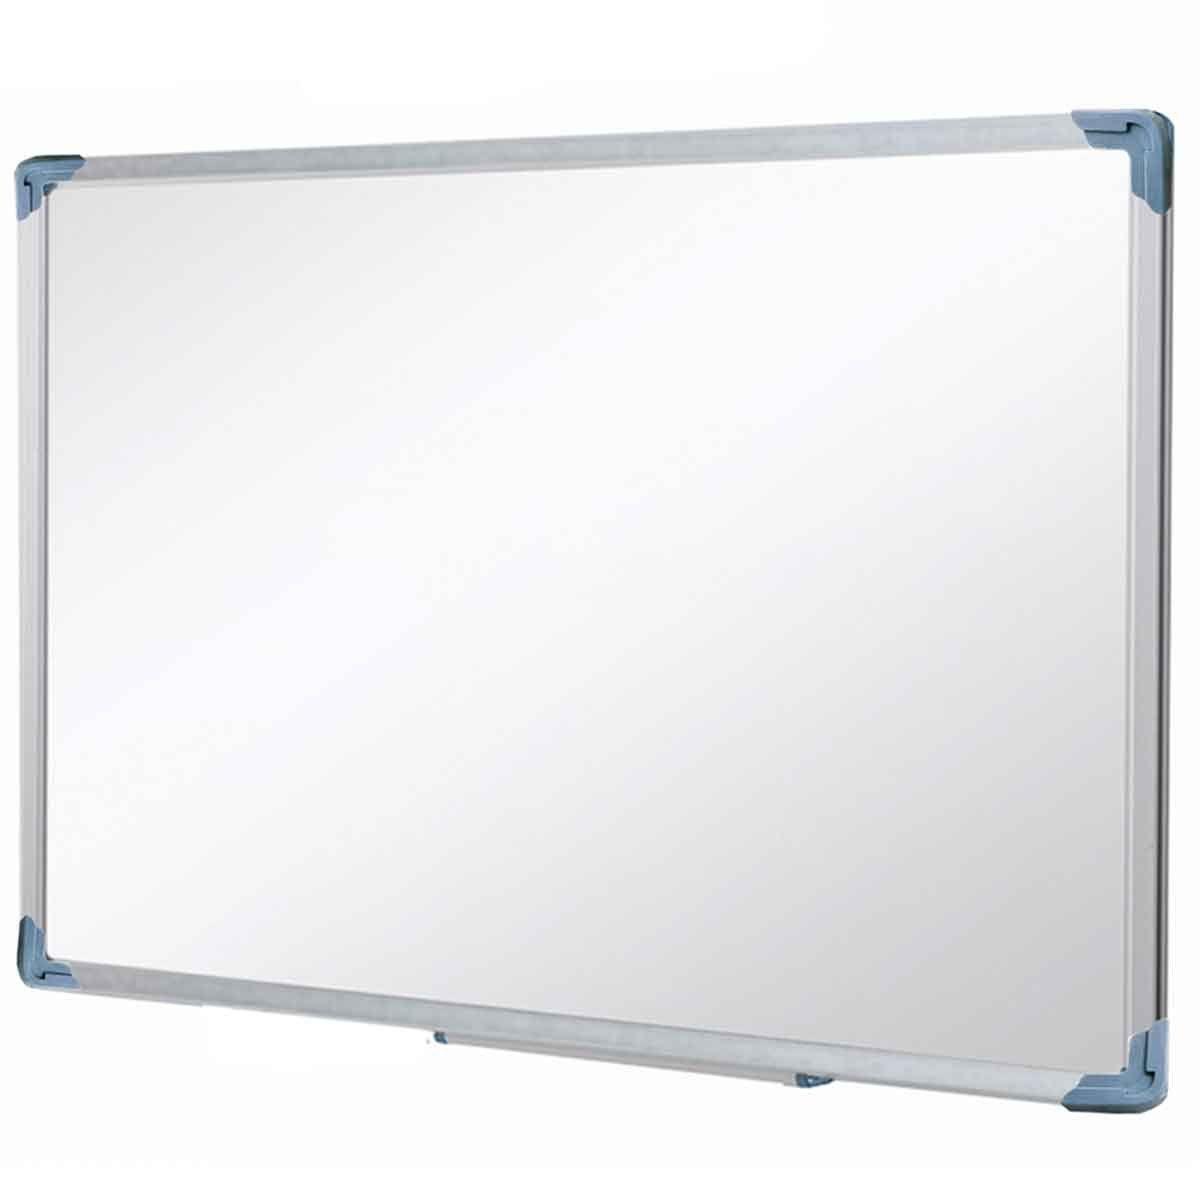 Lousa 120x90cm Quadro Branco Com Moldura De Alumínio